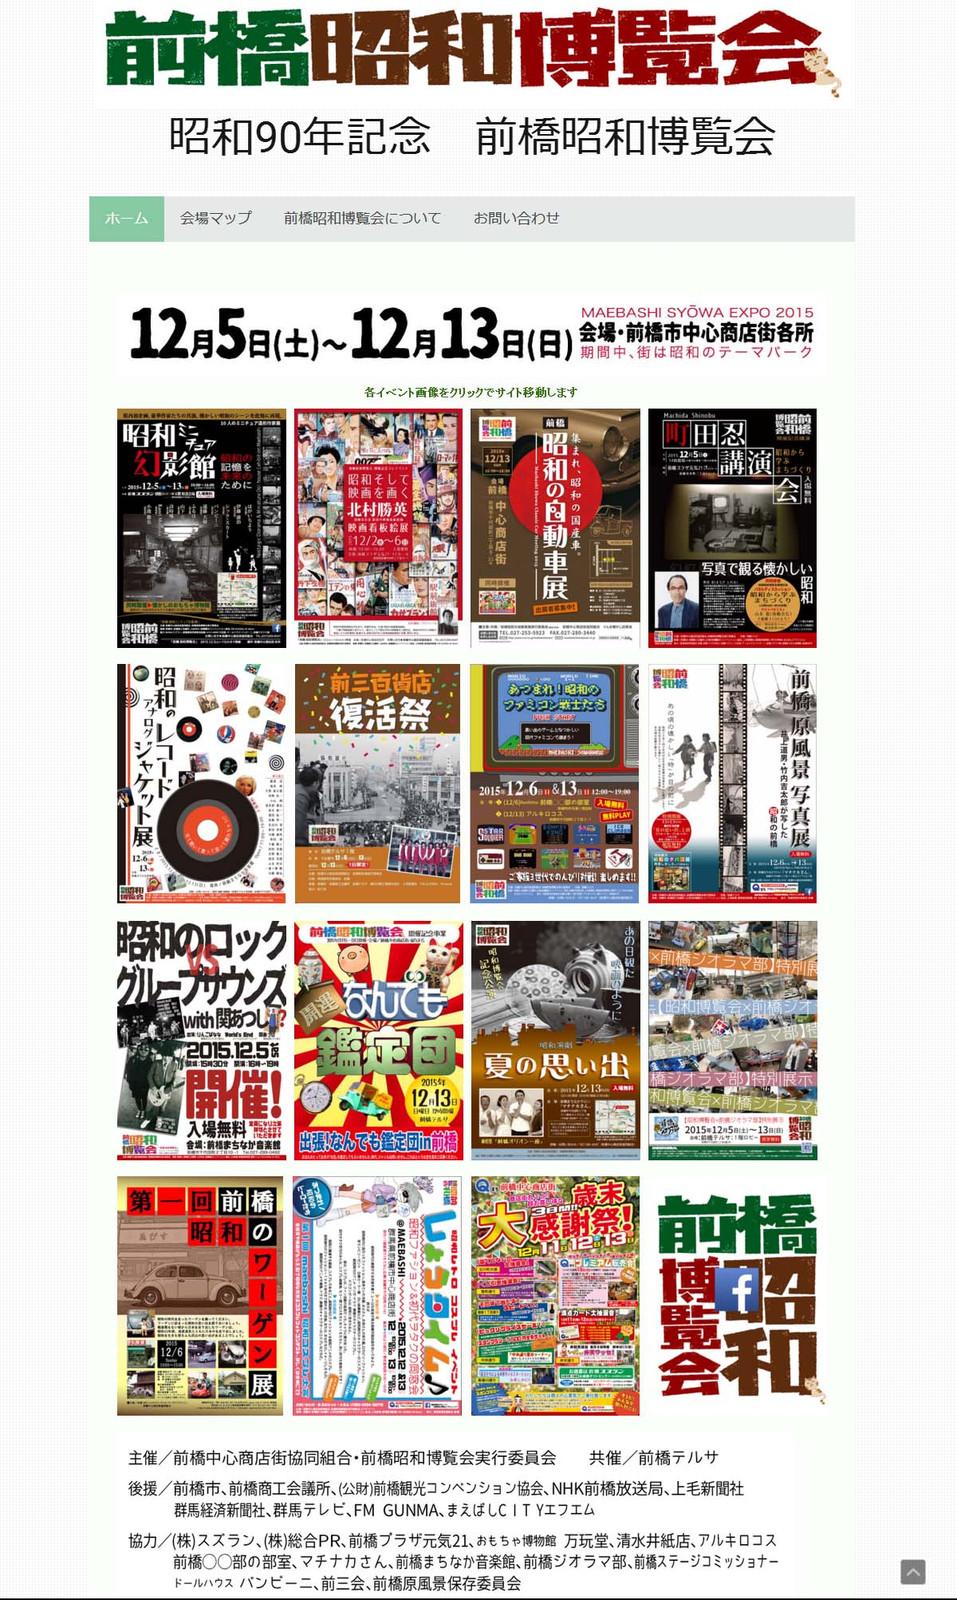 Maebashi_showa_hakurankai_2015